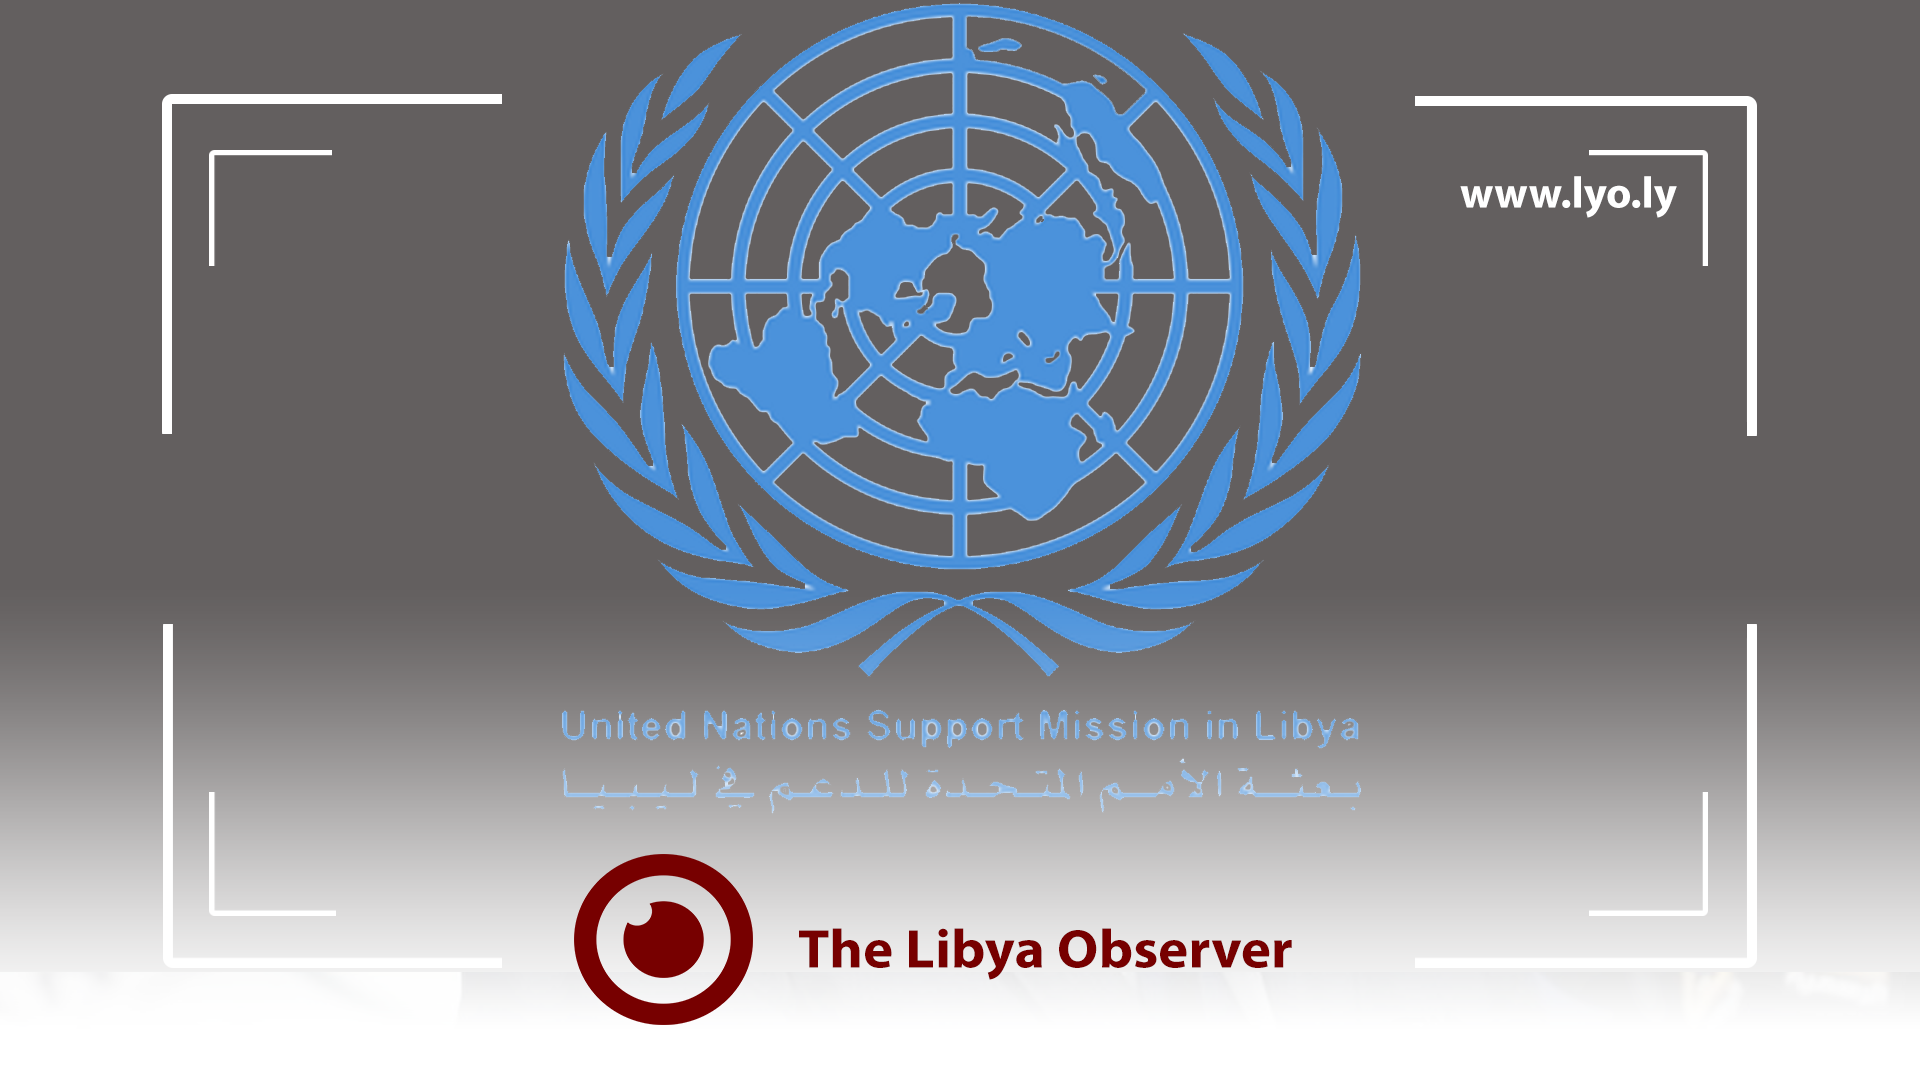 'Χρηματισμός' εκατοντάδων χιλιάδων δολαρίων για να γίνει ηγέτης στη Λιβύη ο φιλότουρκος Ντμπέιμπα